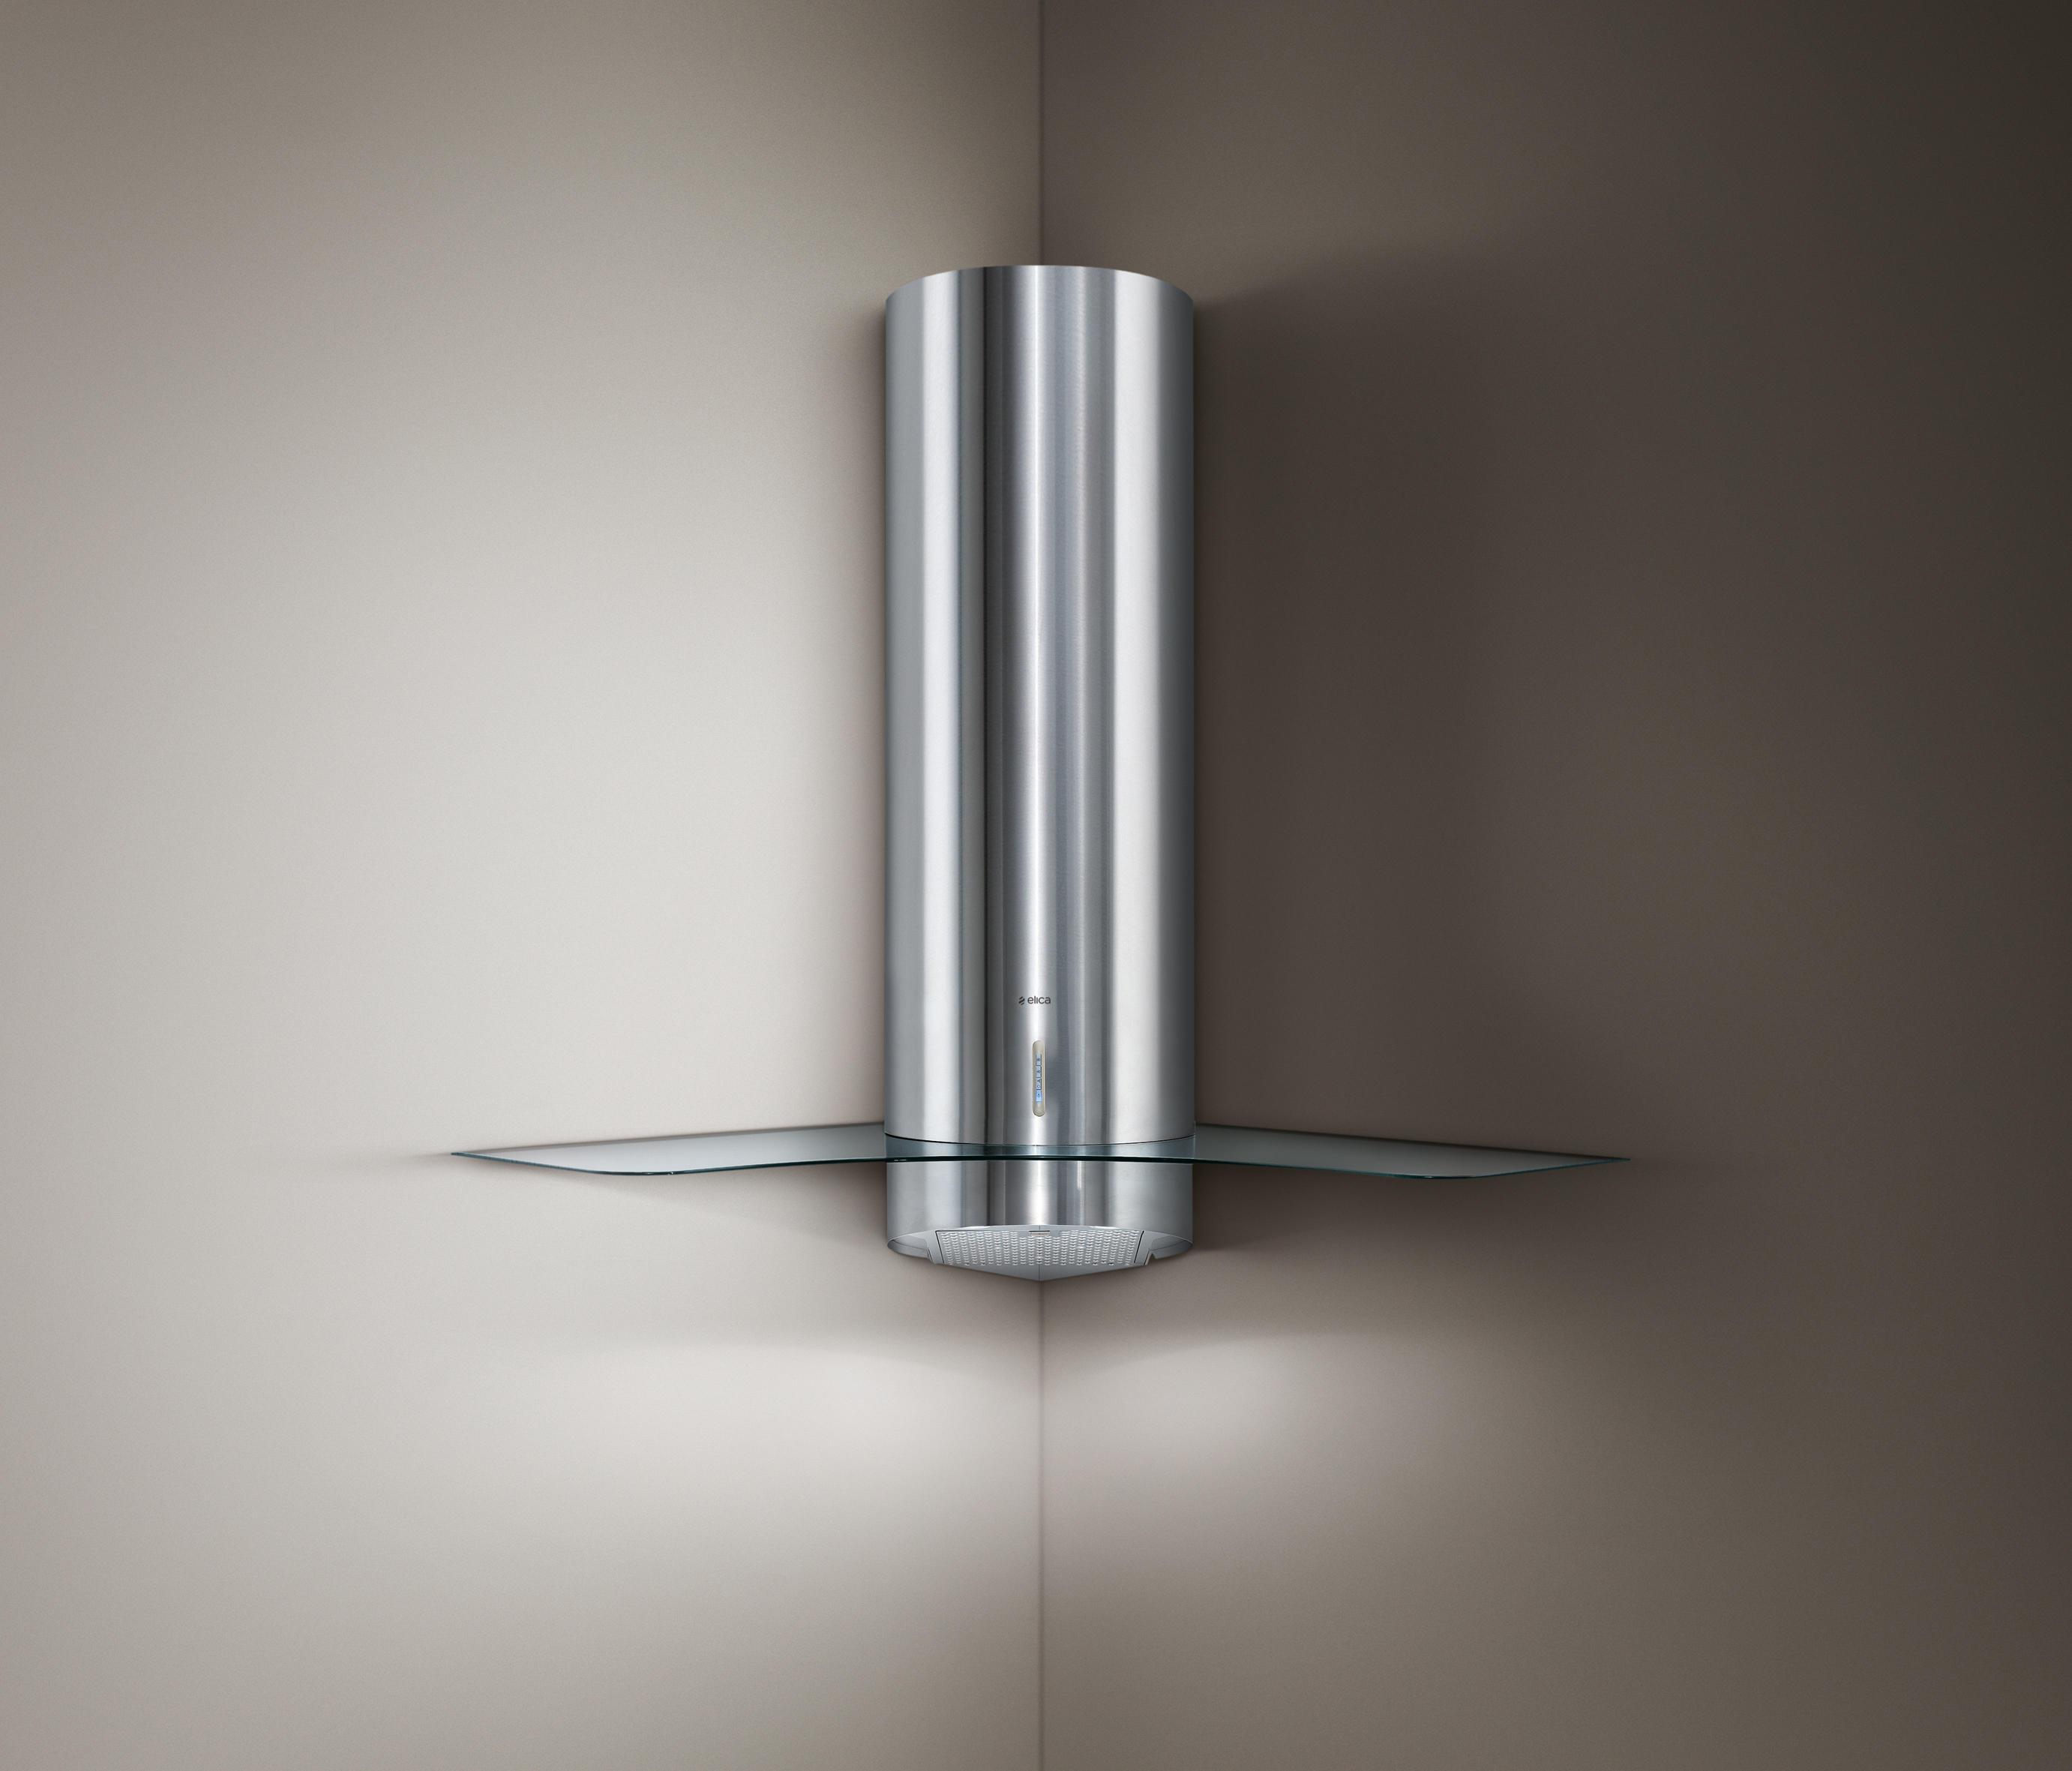 Personal corner mounted kuchenabzugshauben von elica for Küchenabzugshauben